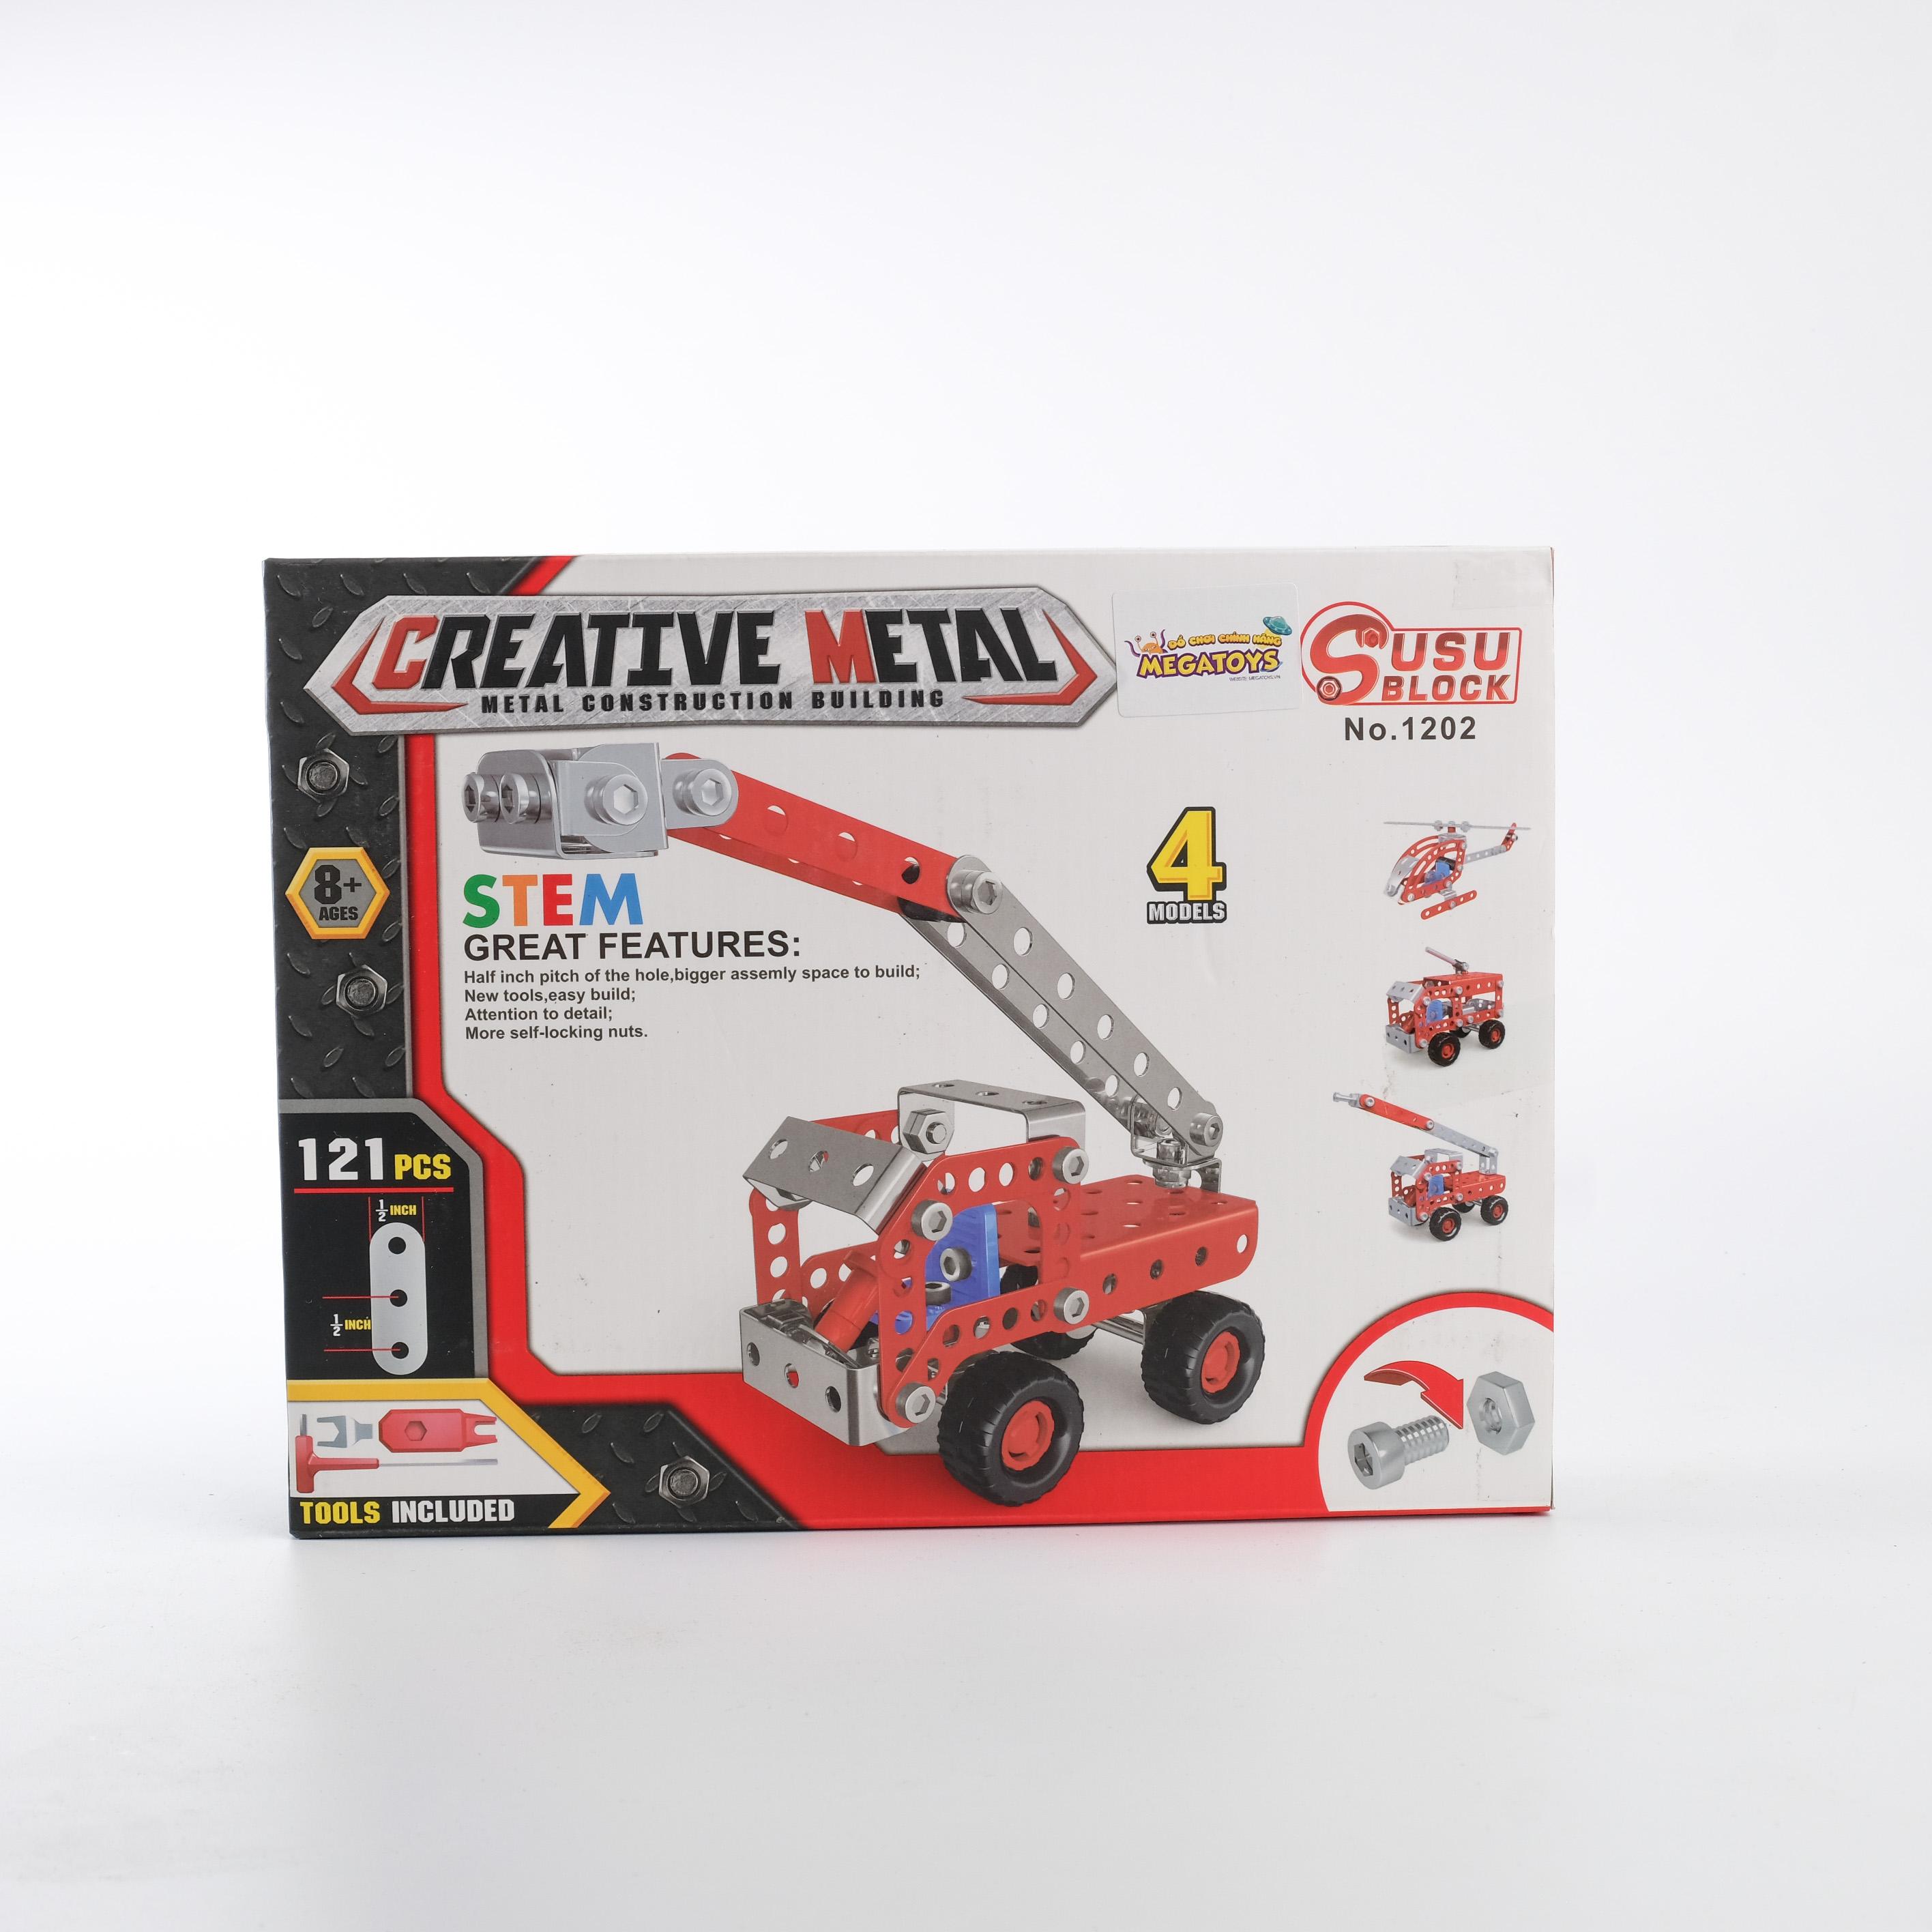 Đồ chơi giáo dục STEM - Metal bricks 4in1 - 4 Phương tiện biến hình cứu hỏa siêu bền XCH-1202